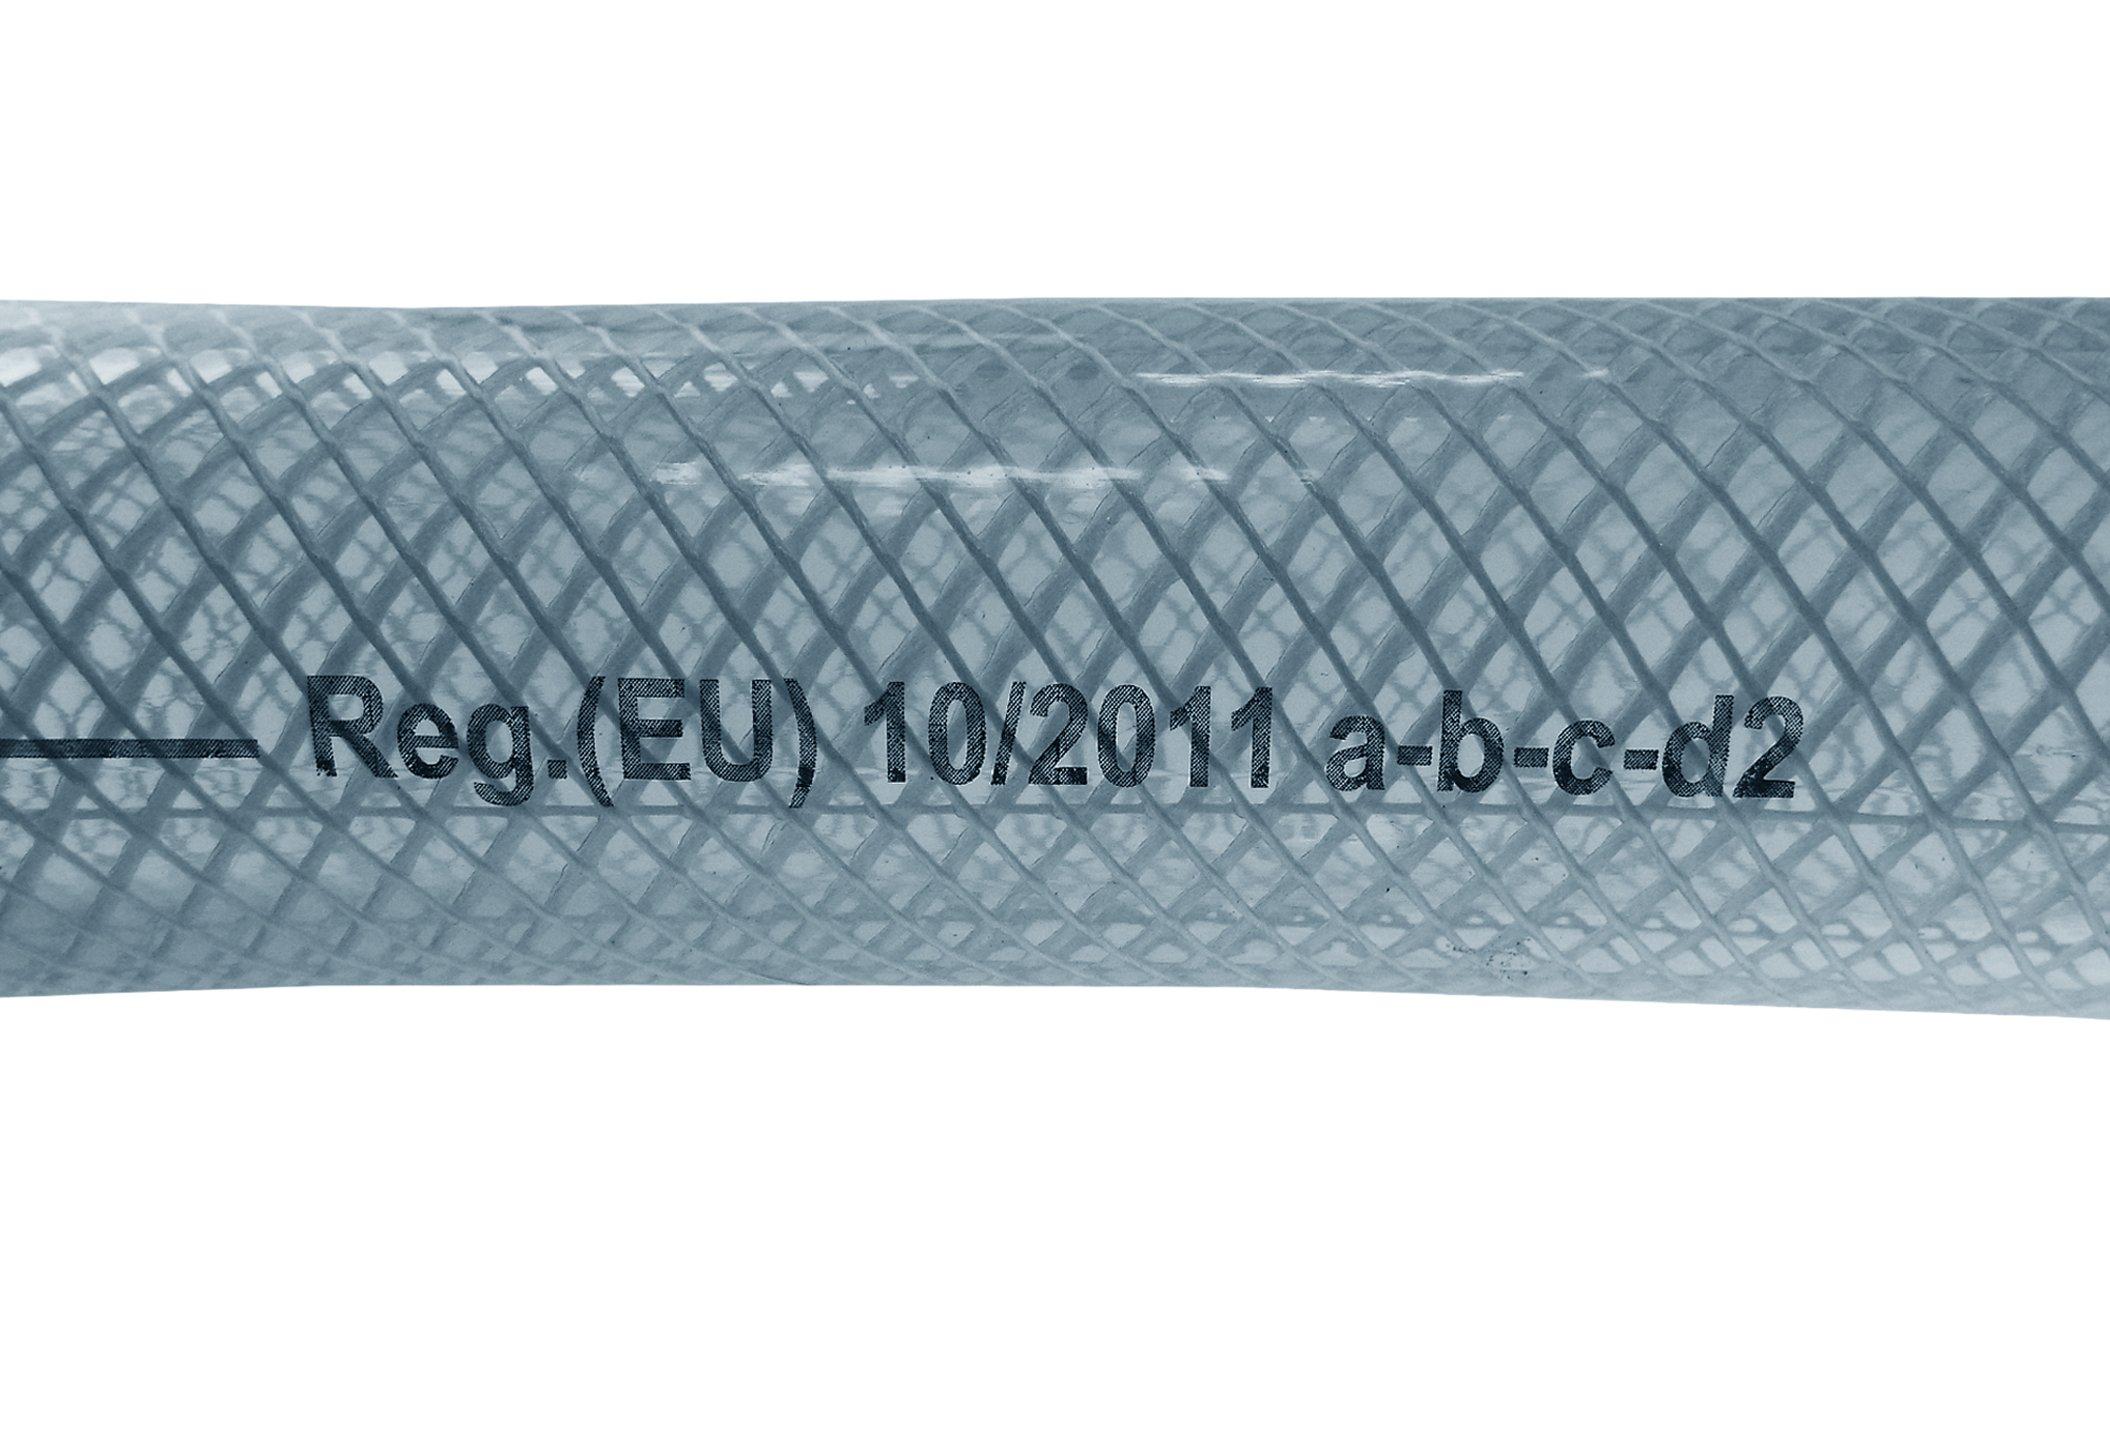 13mm 1.3cm 5 METROS TRANSPARENTE TRENZADO PVC FLEXIBLE TUBER/ÍA AEROL/ÍNEA MANGUERA AGUA